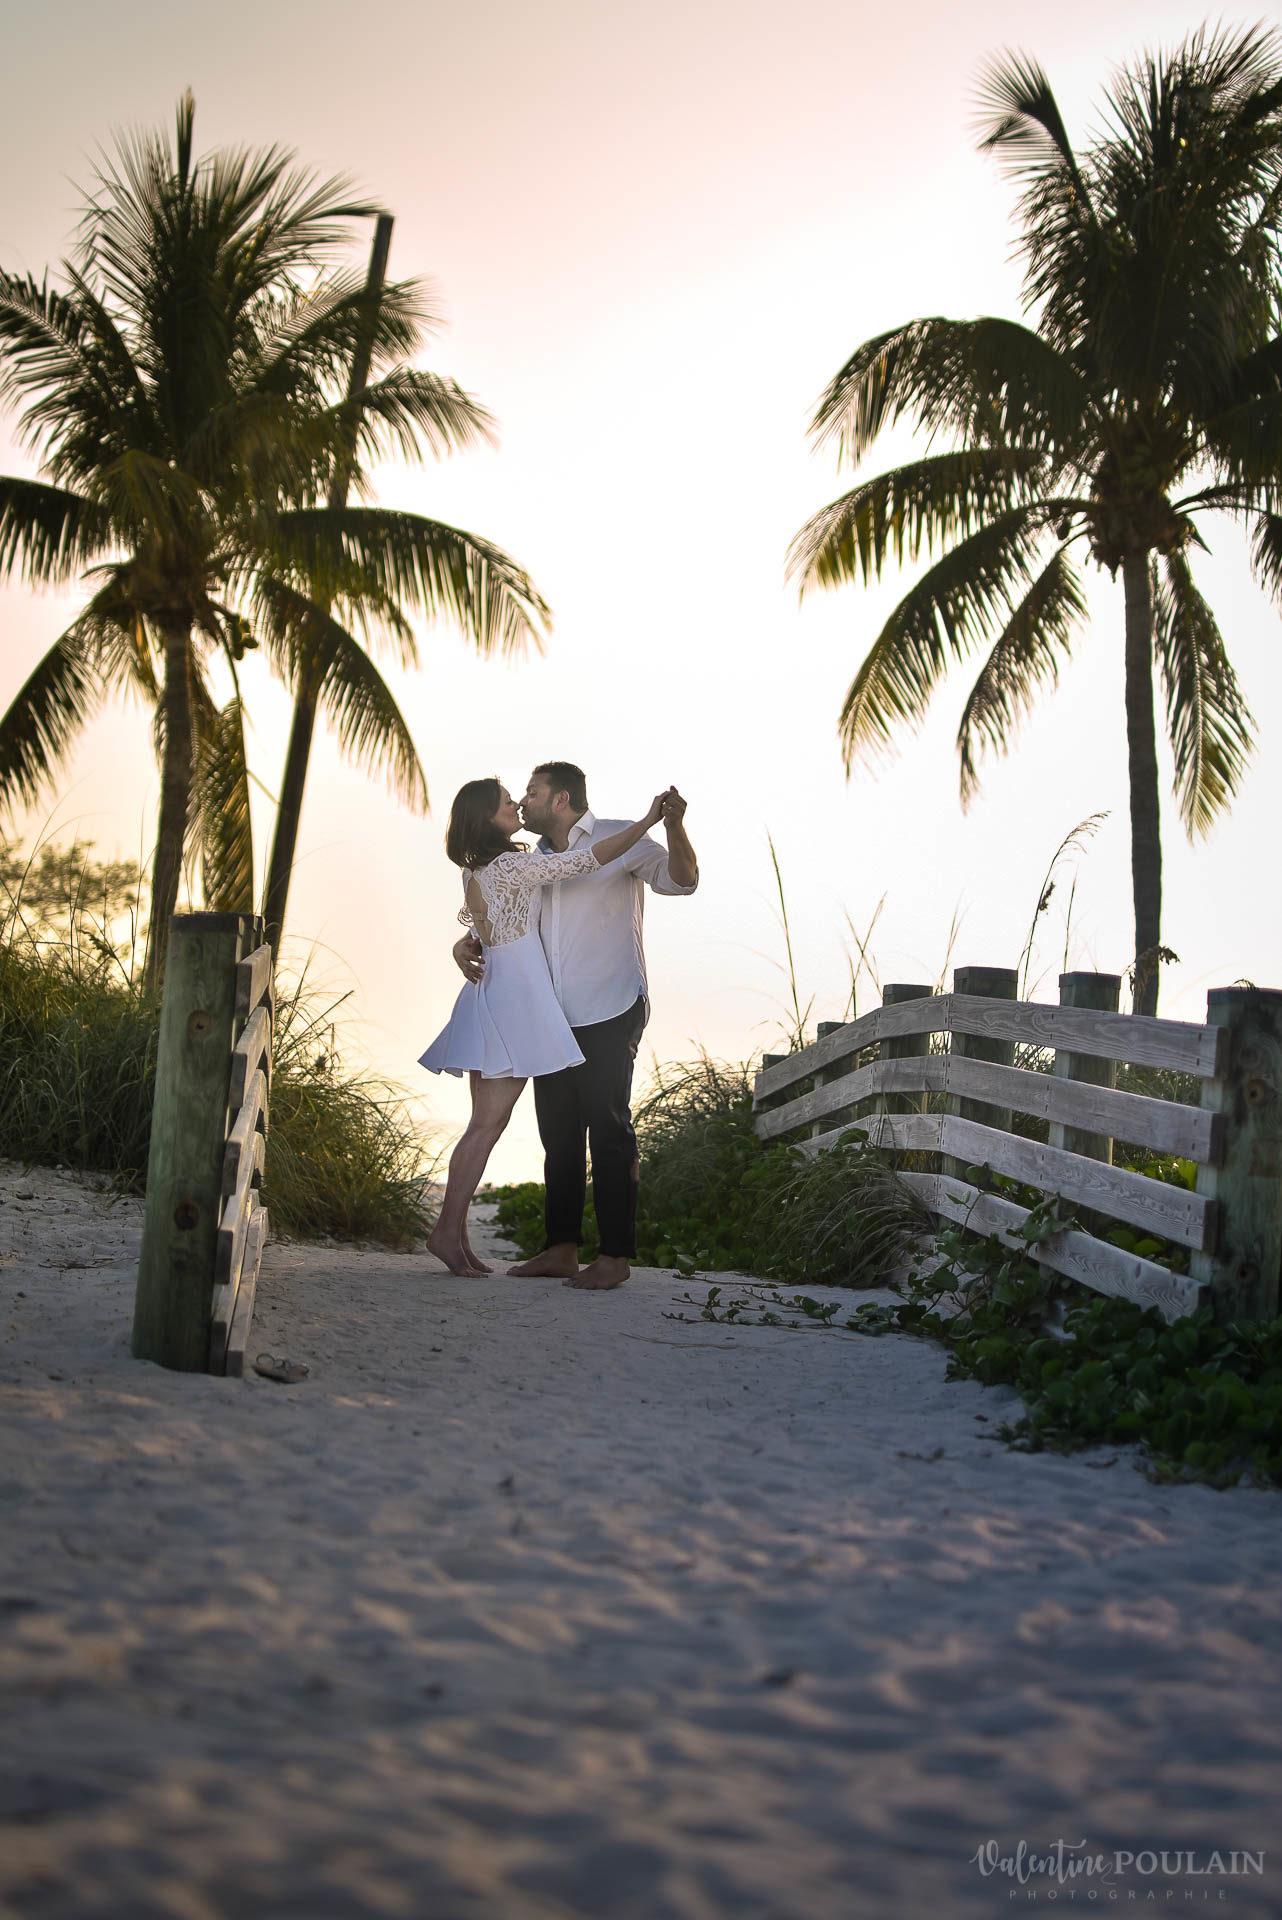 palmiers danse Miami - Valentine Poulain